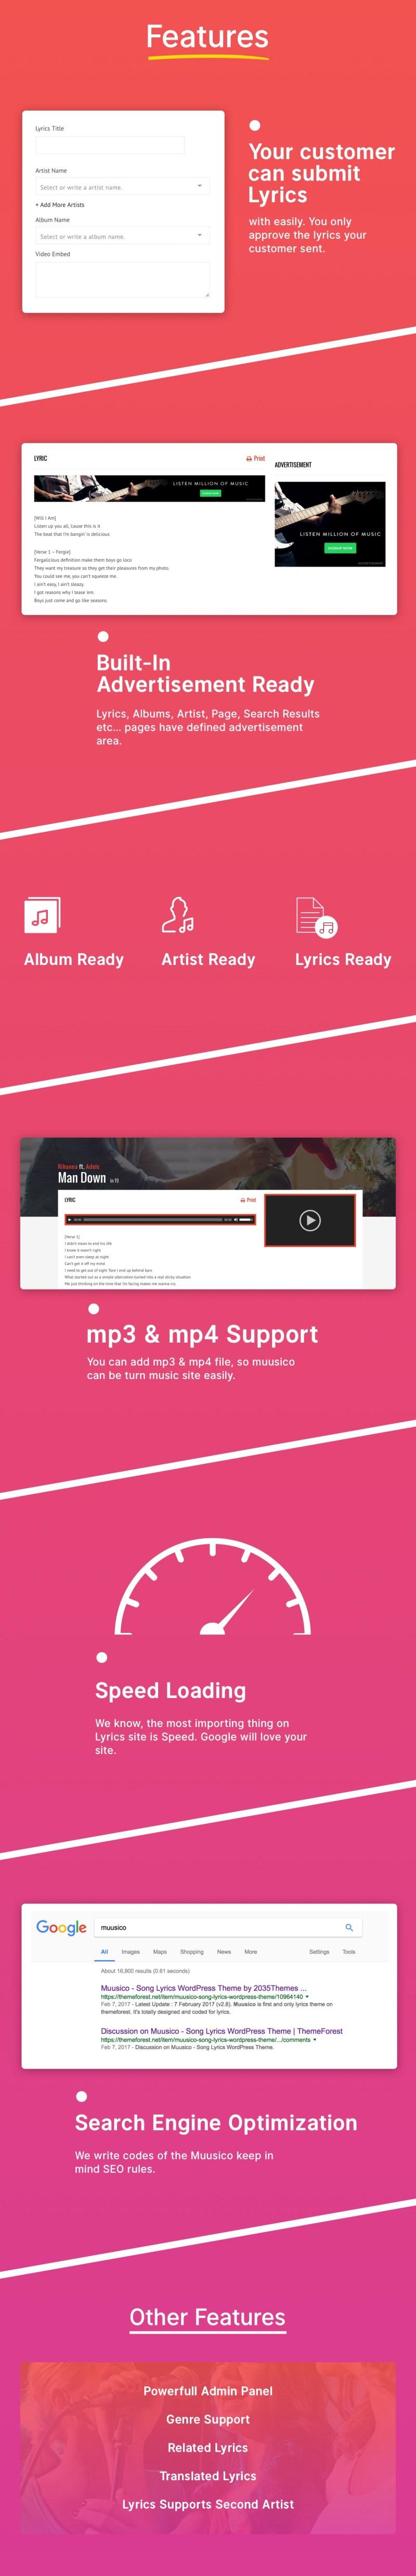 Muusico - Song Lyrics WordPress Music Theme - 3